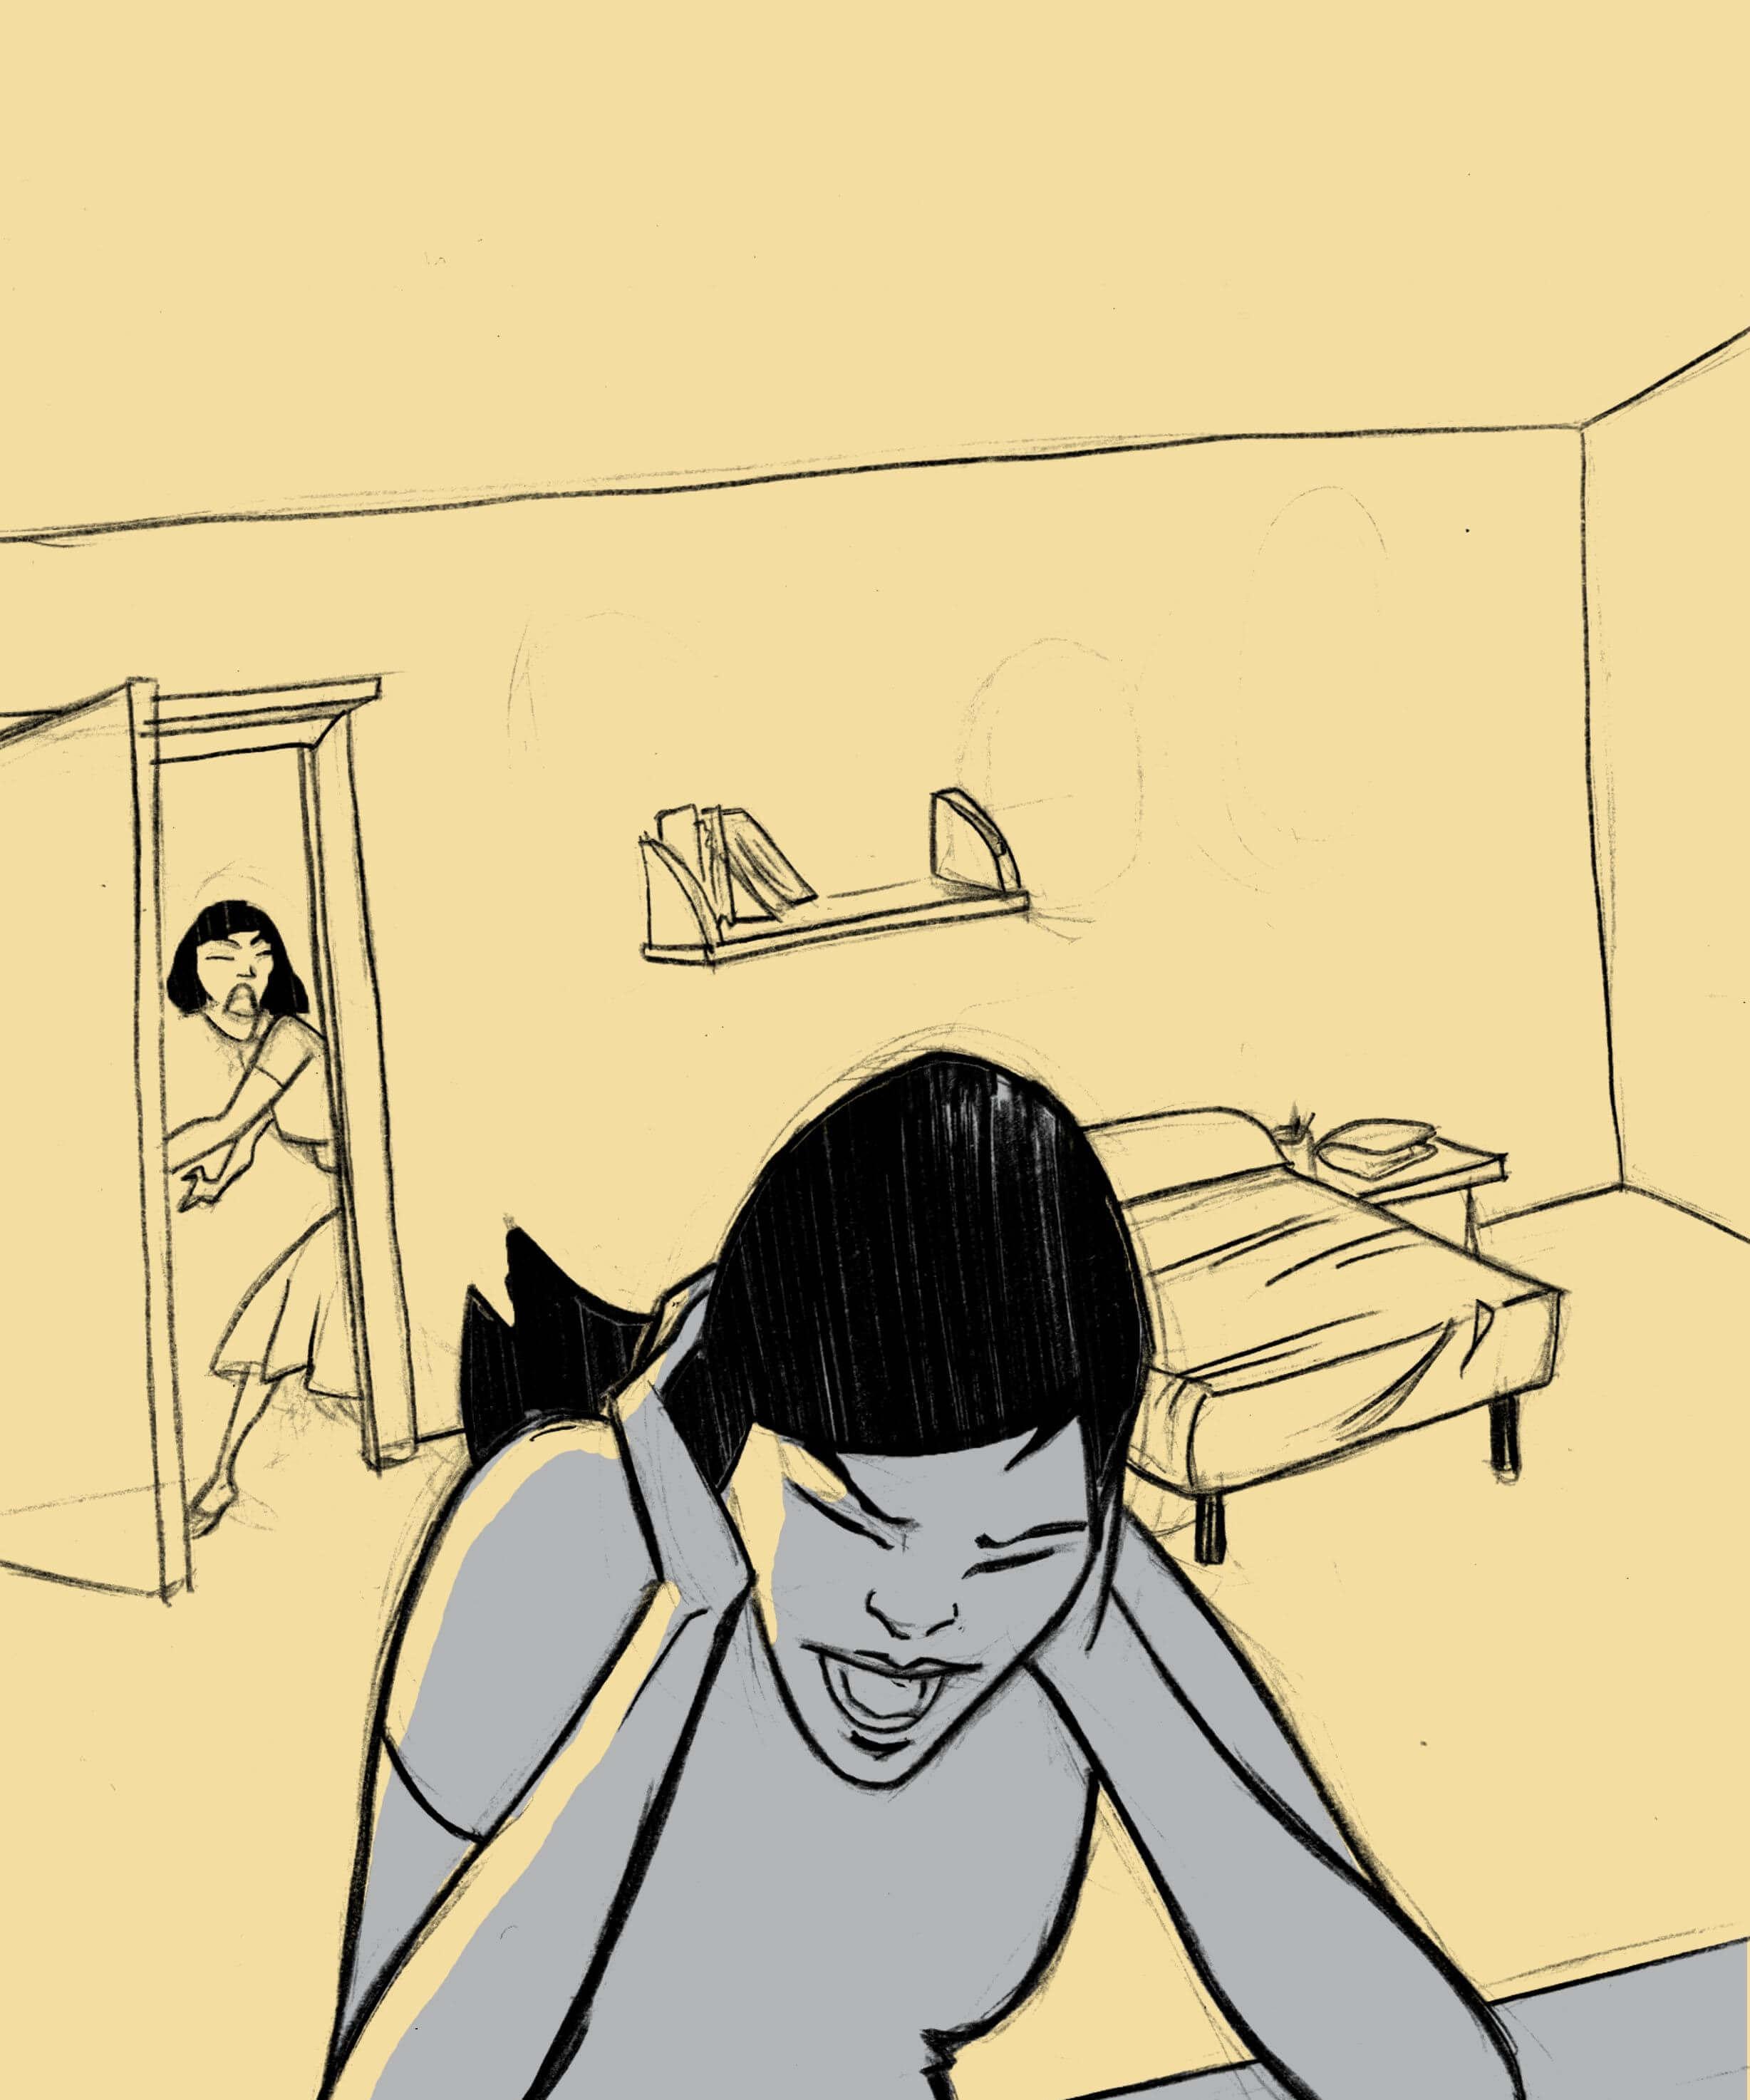 L'impotenza appresa: quando il maltrattamento diventa abitudine